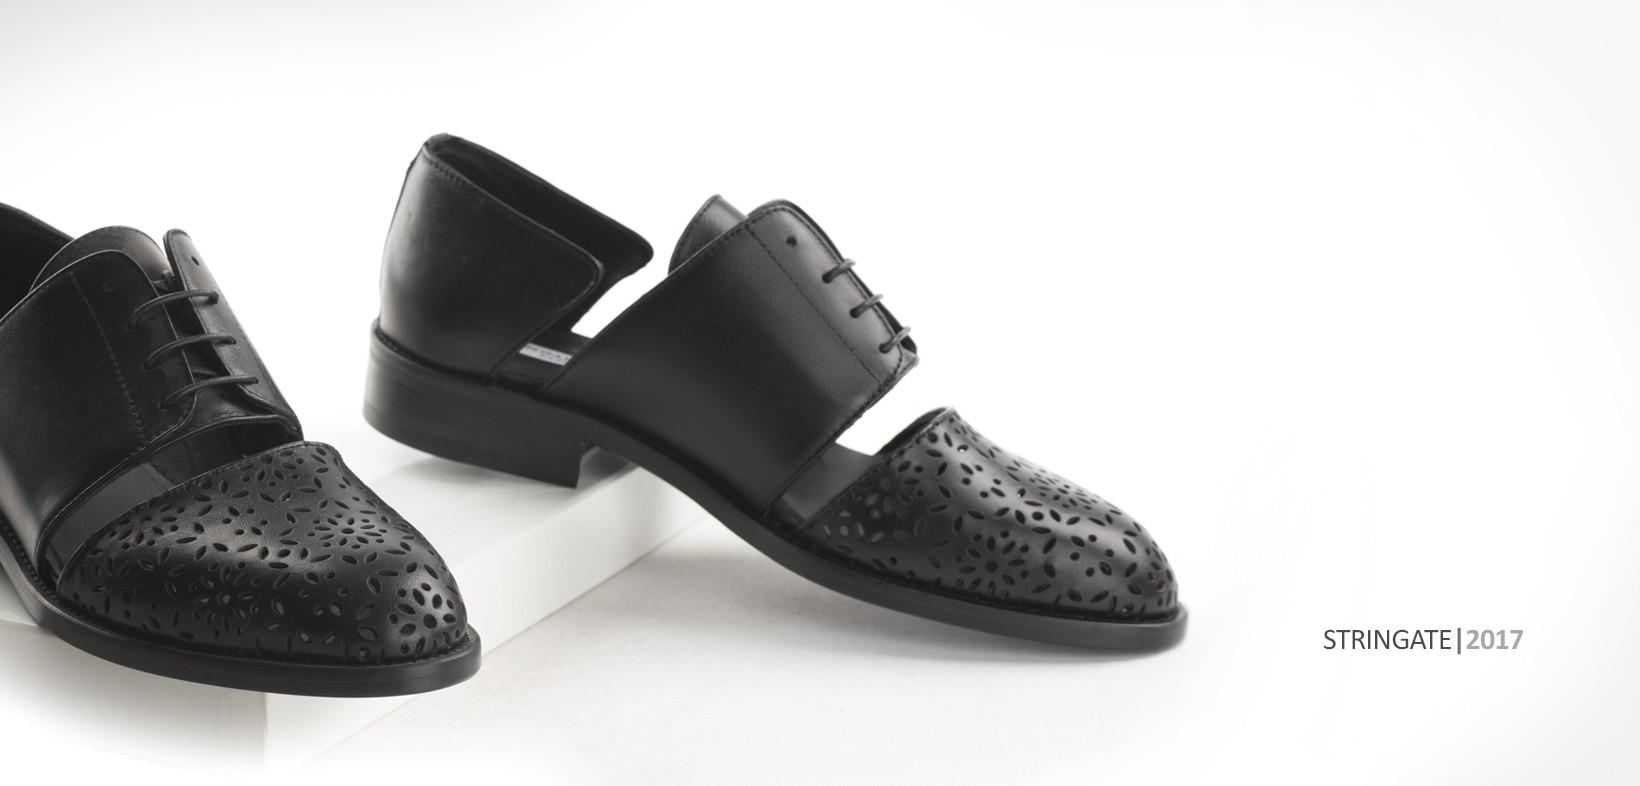 Fusion shoes